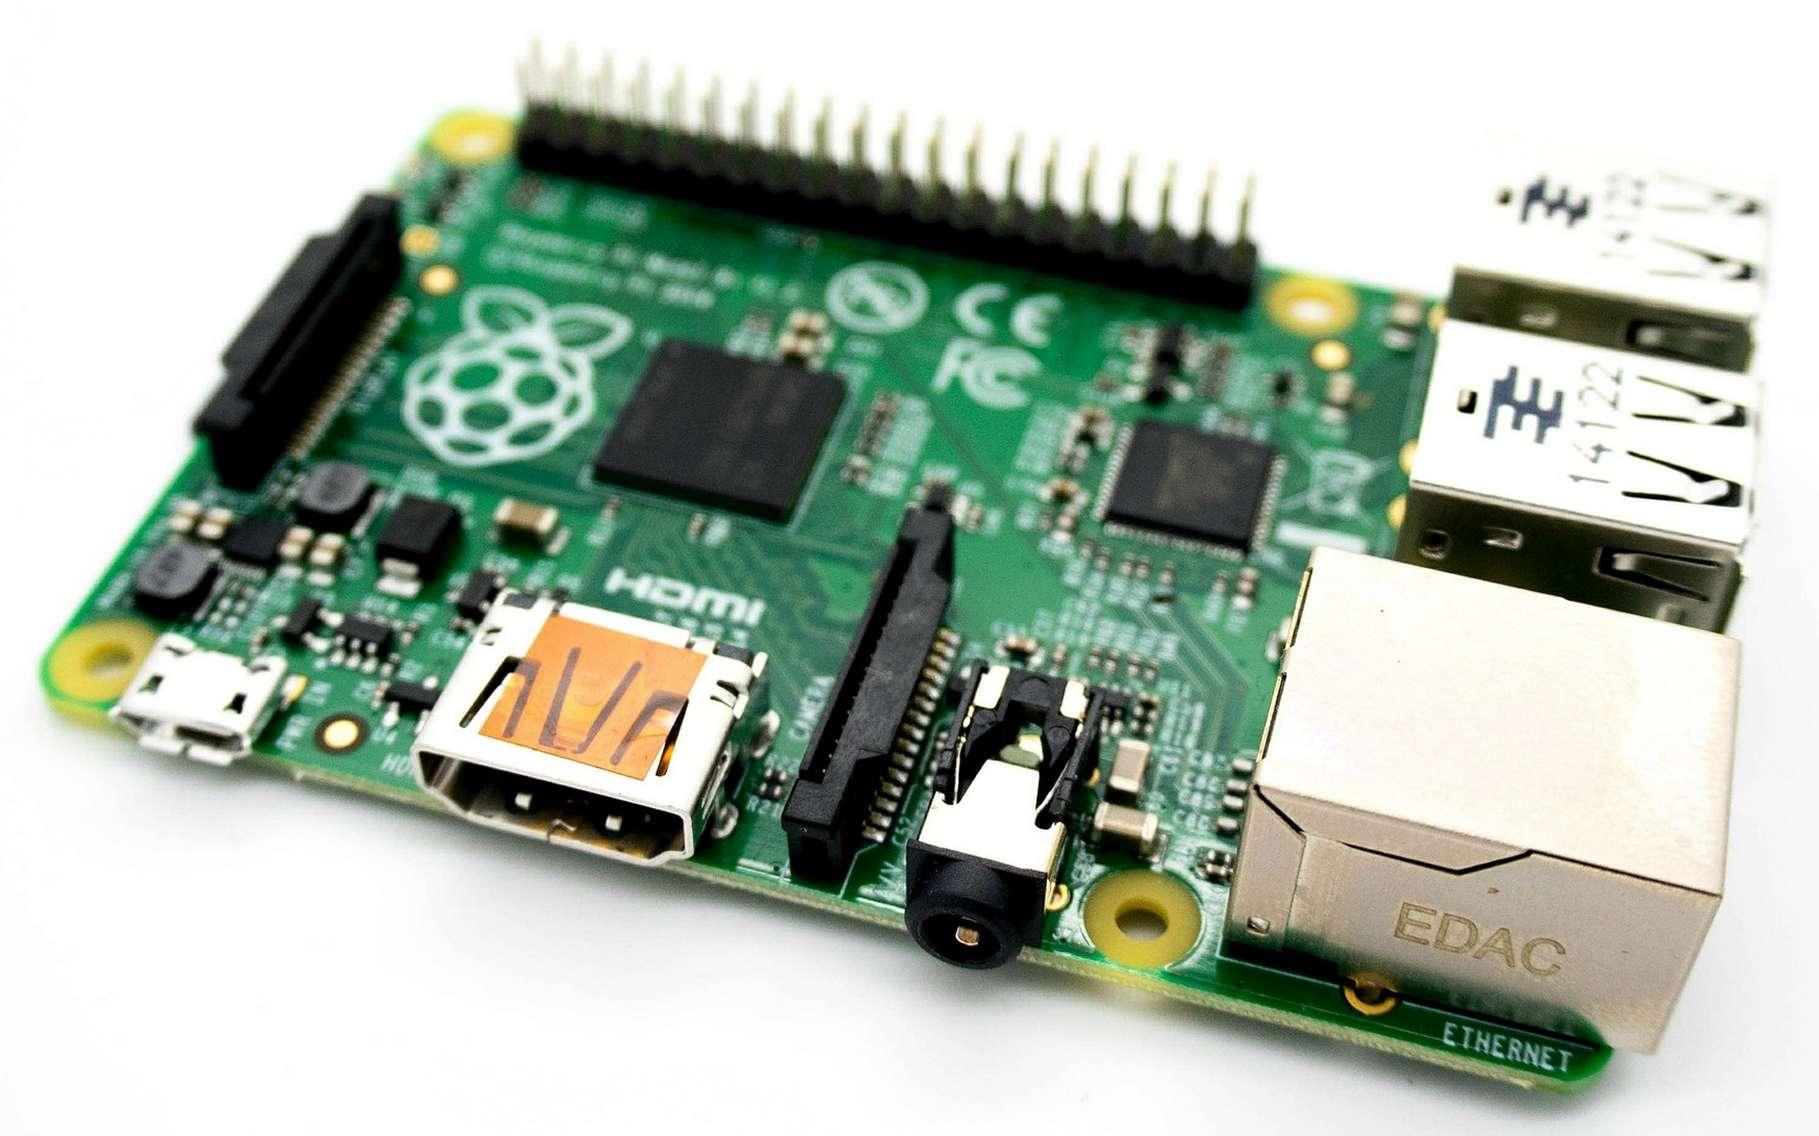 Le Raspberry Pi est le mini-ordinateur le plus populaire parmi la communauté des makers. Il s'est écoulé à plus de dix millions d'unités. © Kevinpartner, CC0 DP via Pixabay